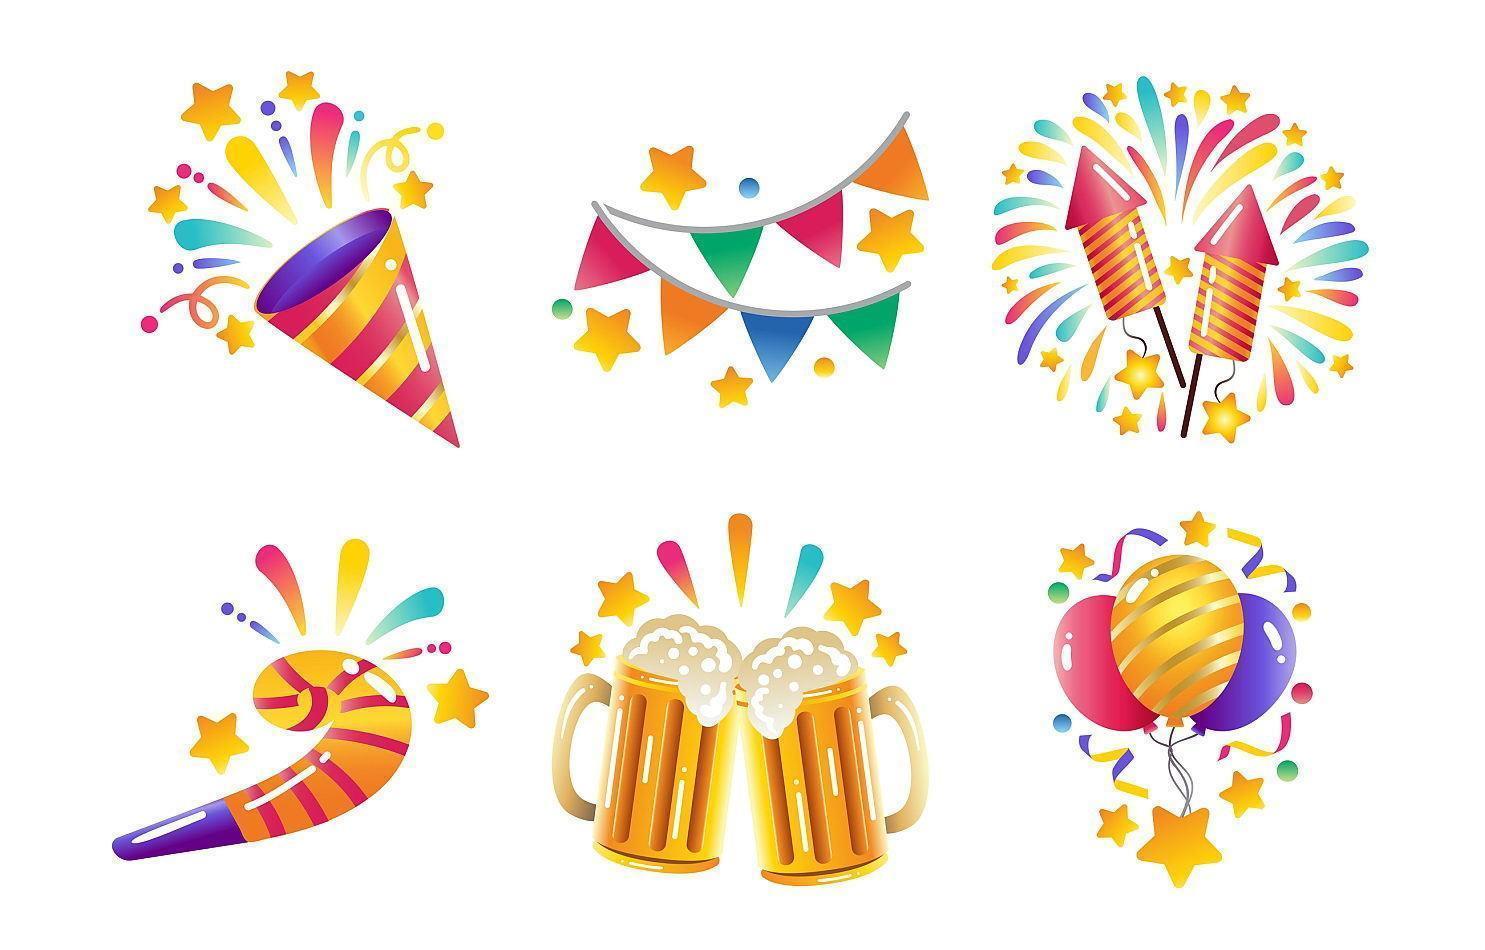 kleurrijke nieuwe jaarfeest pictogrammen vector